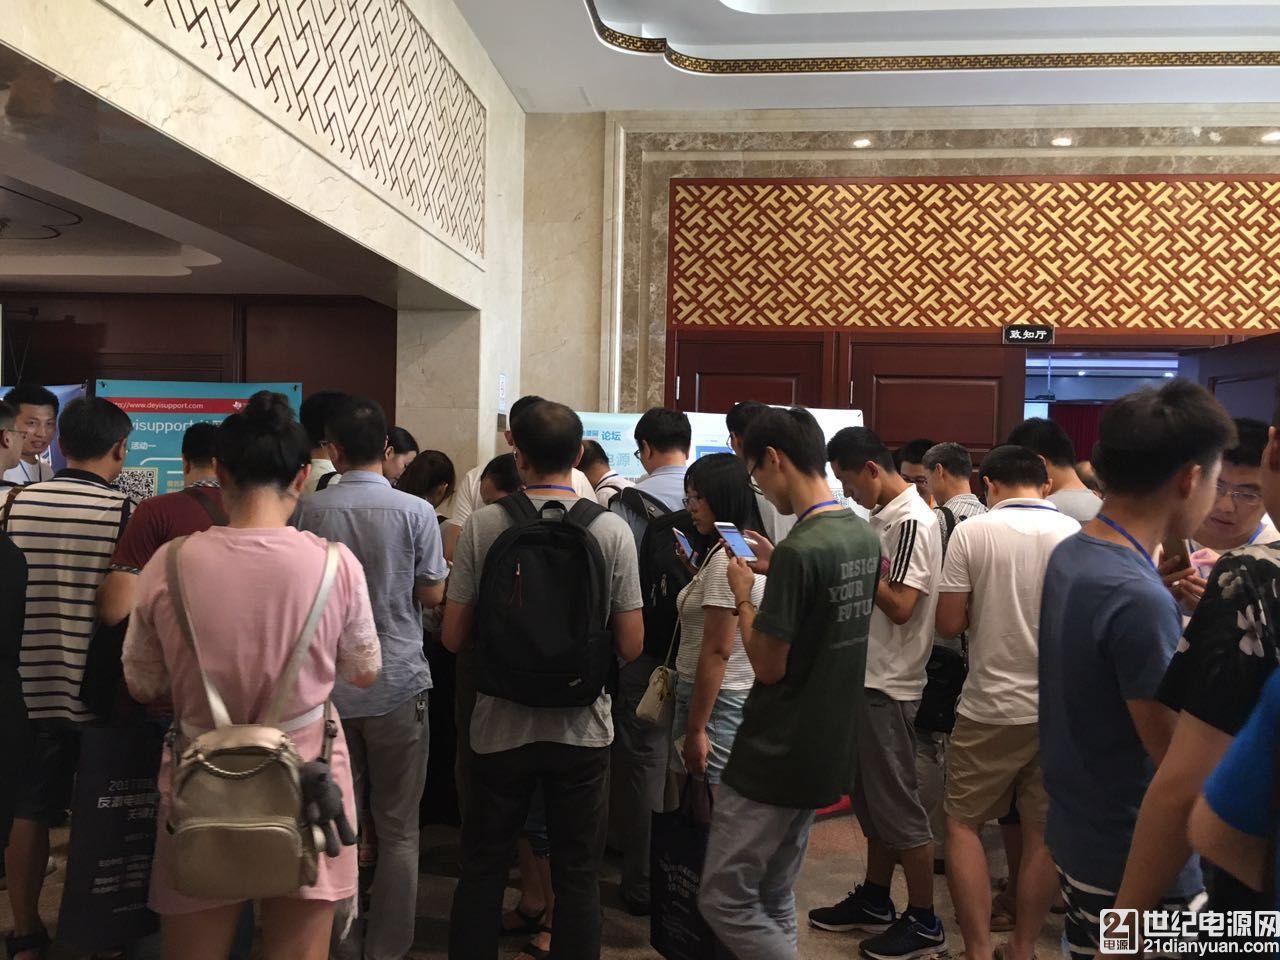 http://cdn12.21dianyuan.com/attachment/forum/201708/08/150343a20ovrrfvfoh29vt.jpg.thumb.jpg